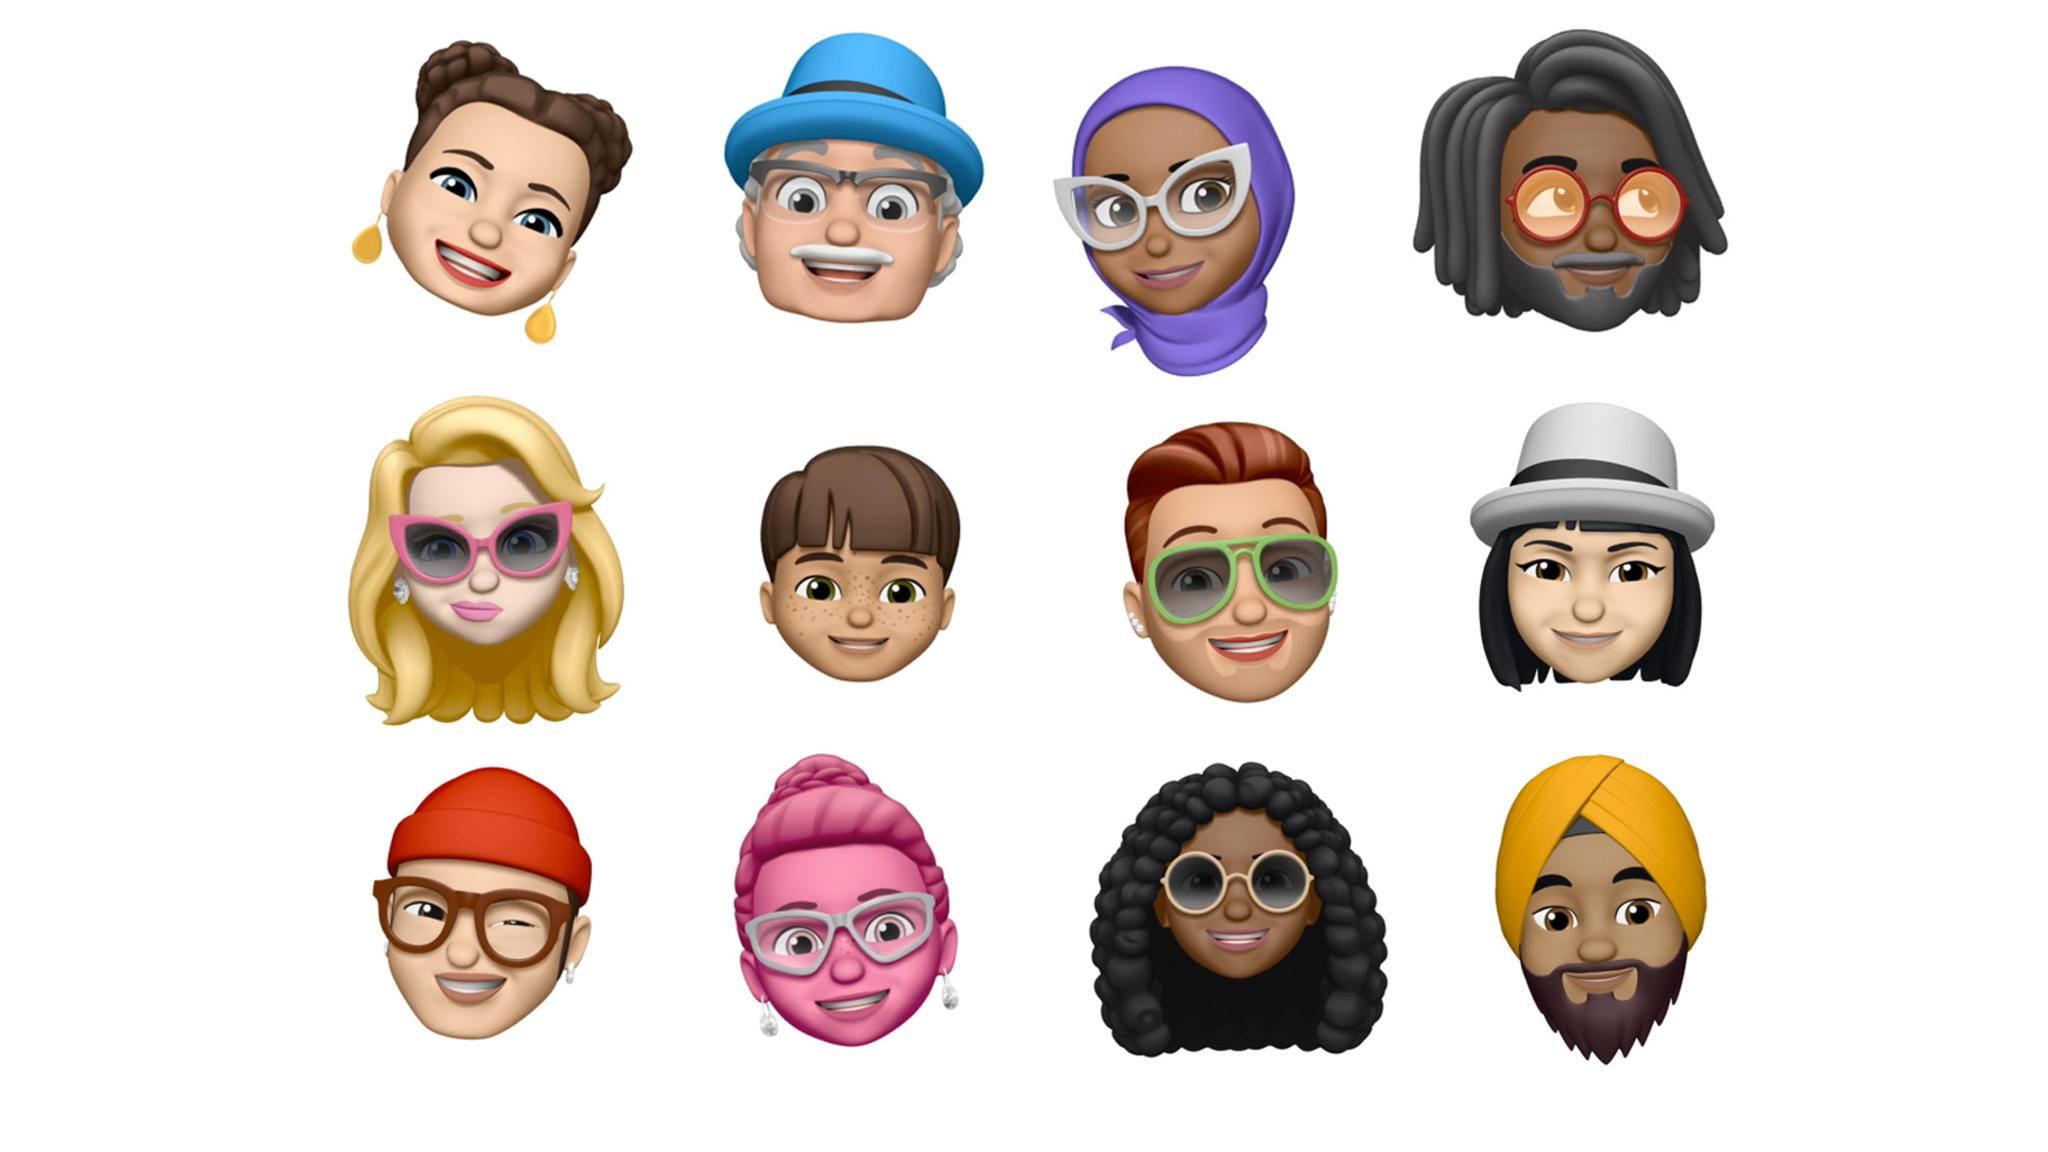 Memojis sind animierte Avatare, die iPhone-Nutzer mit iOS 12 erstellen können.